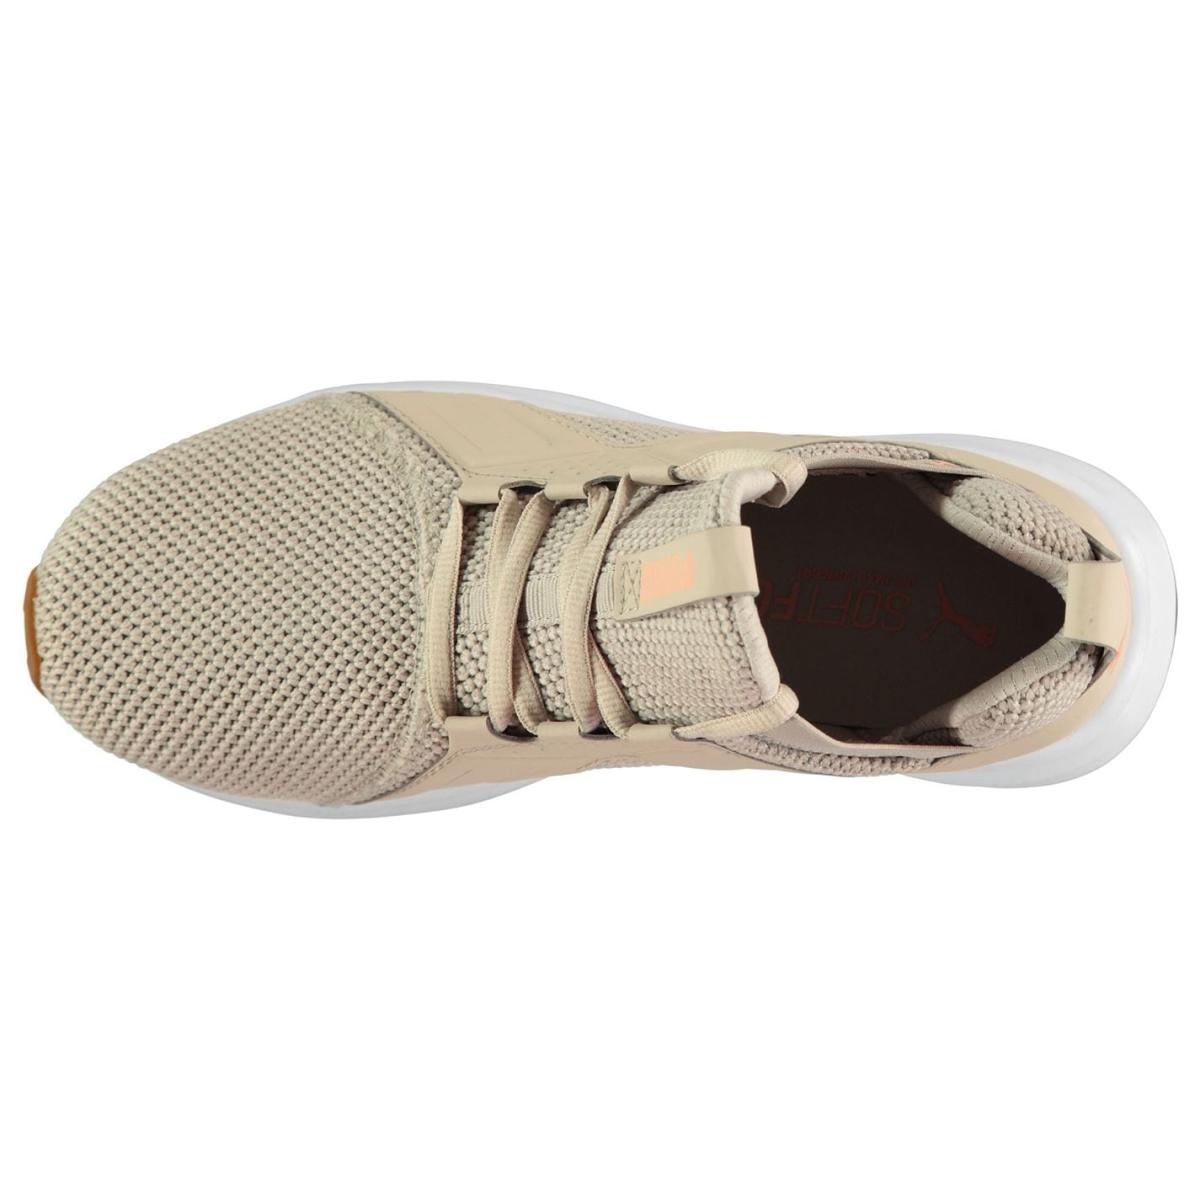 Puma-Enzo-Weave-Turnschuhe-Damen-Sneaker-Sportschuhe-Laufschuhe-1056 Indexbild 7